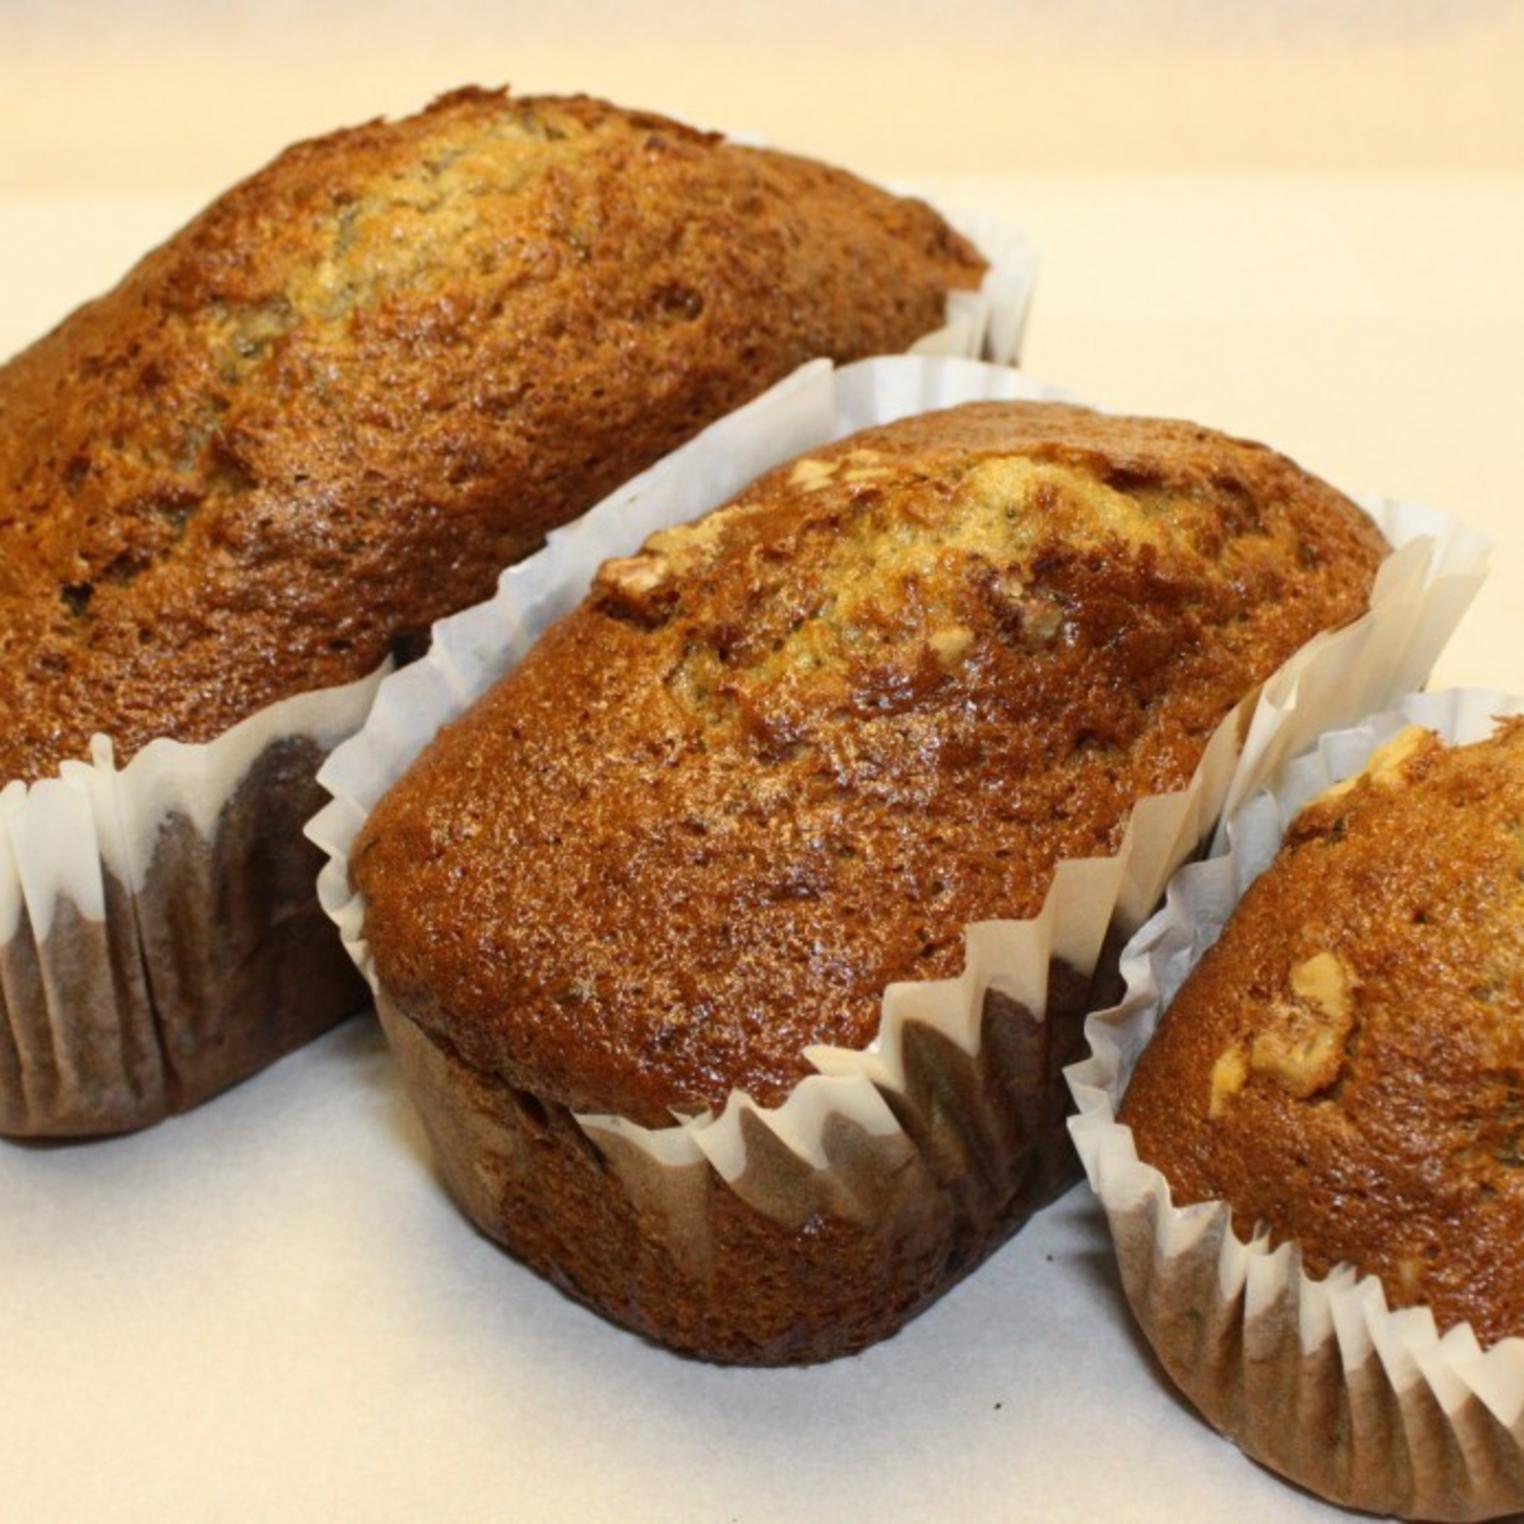 Beeman's Baked Goods Zucchini Bread